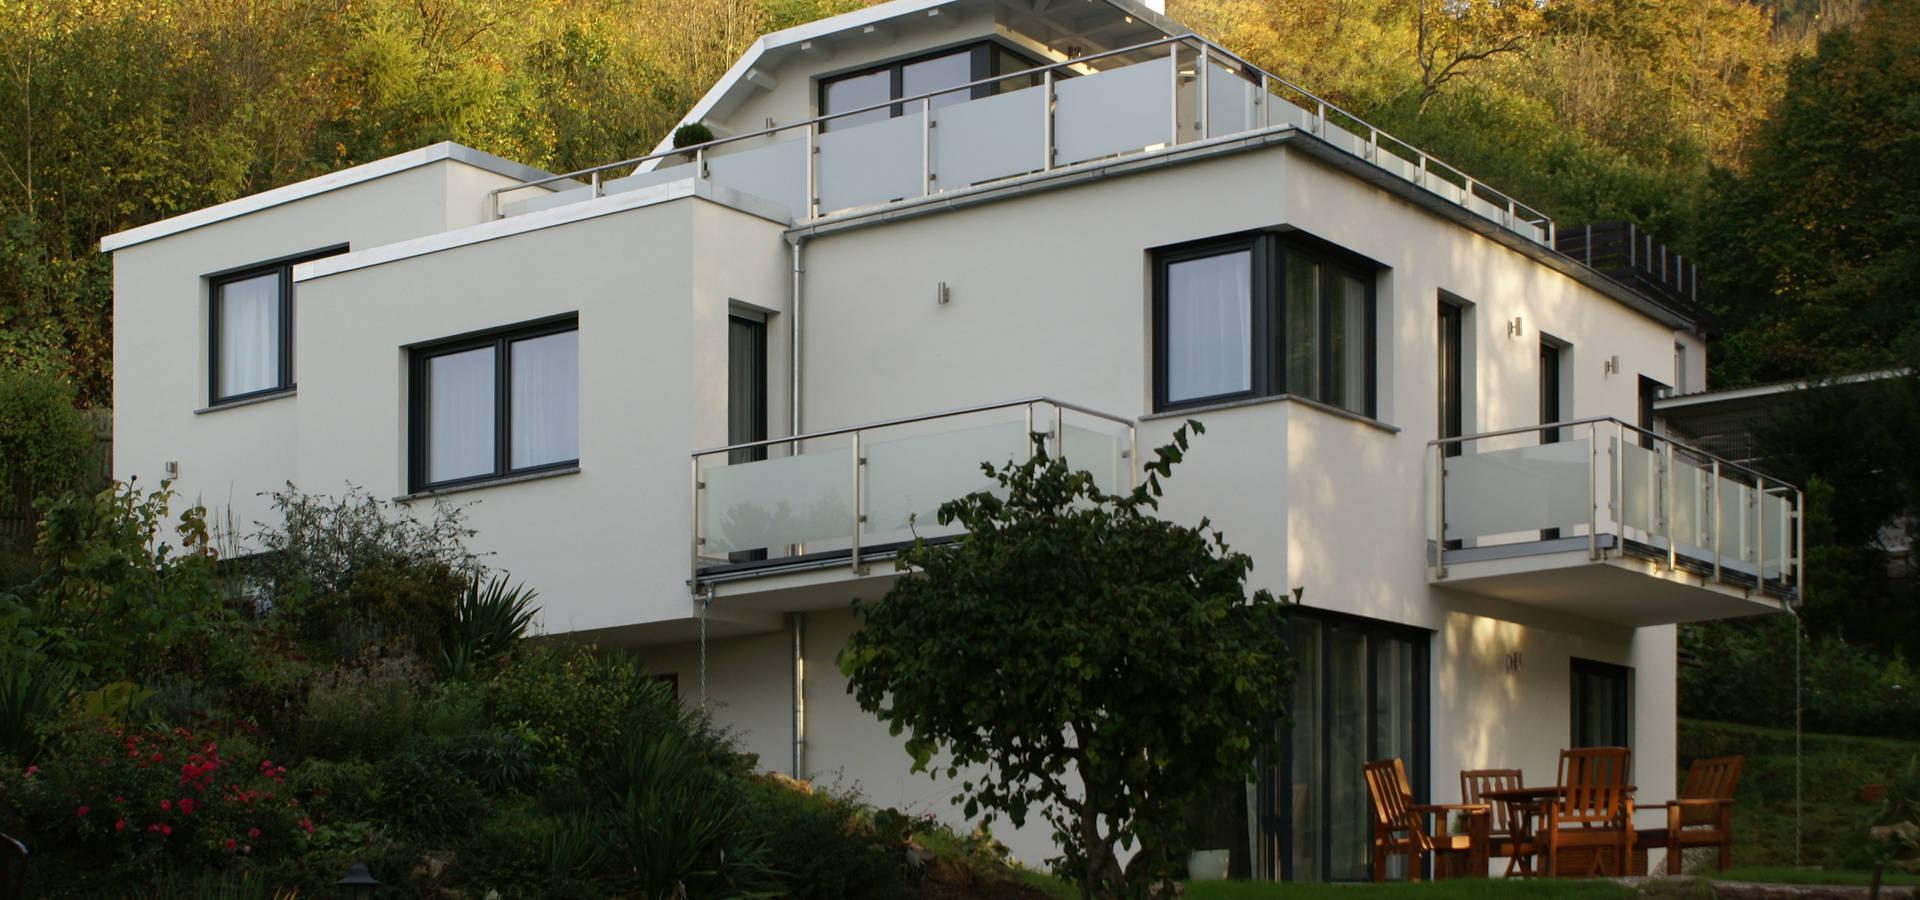 Architekturbüro Hennig